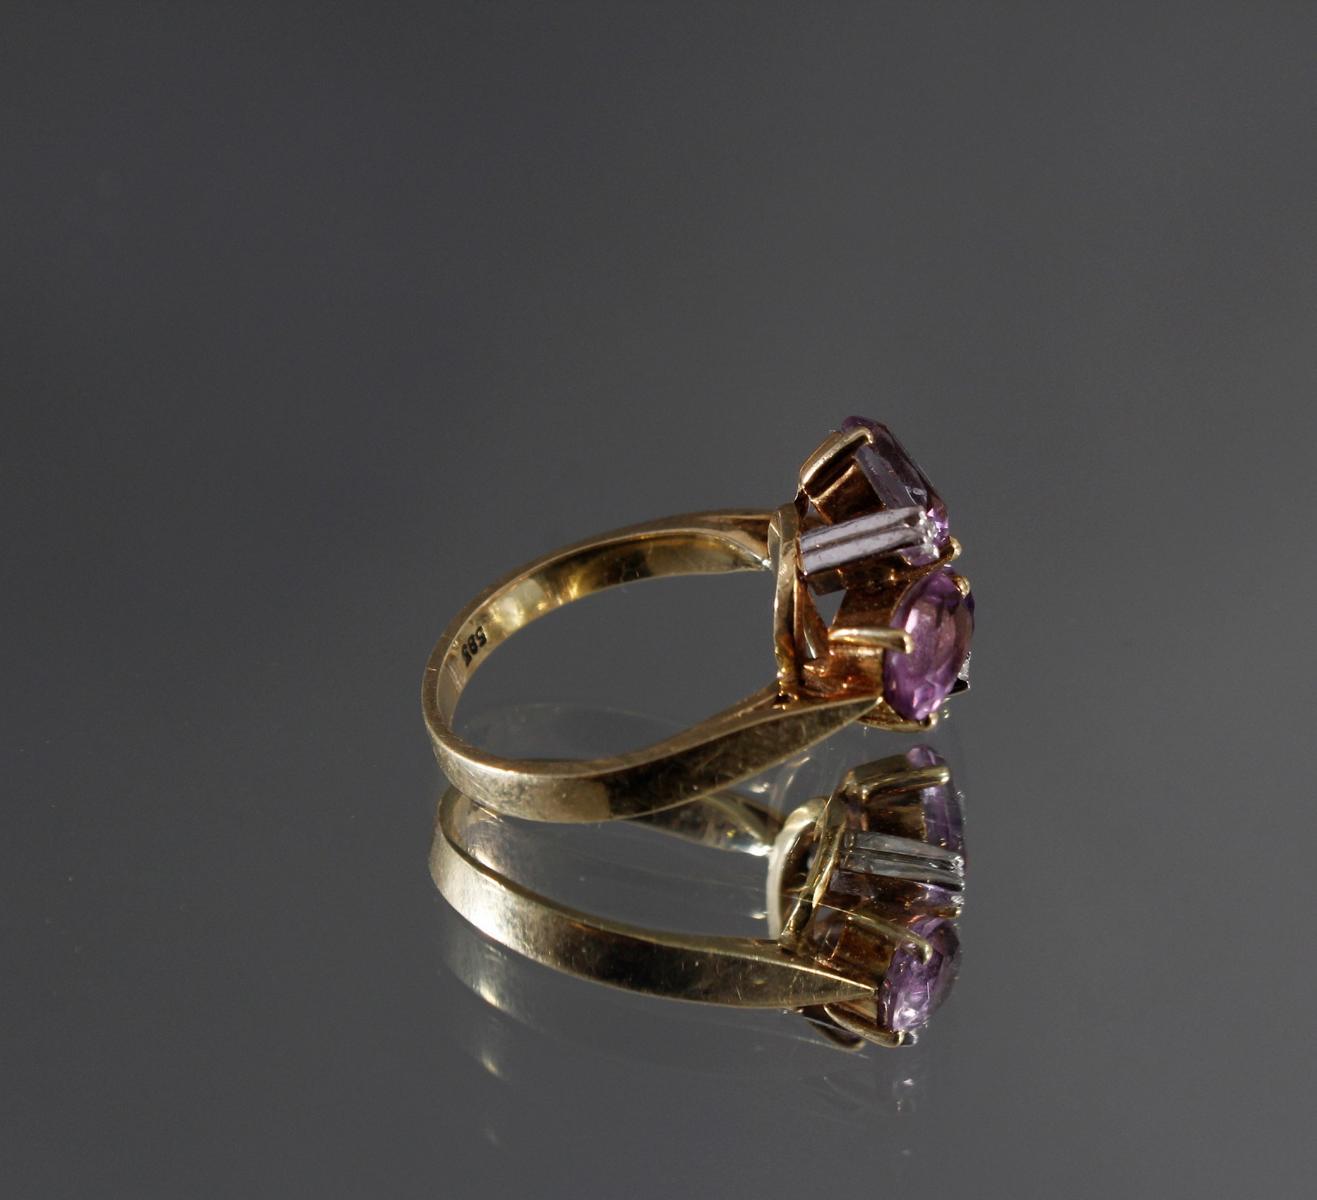 Damenring mit 3 kleinen Diamanten und 3 facettierten Amethysten, 14 kt Gelbgold-3